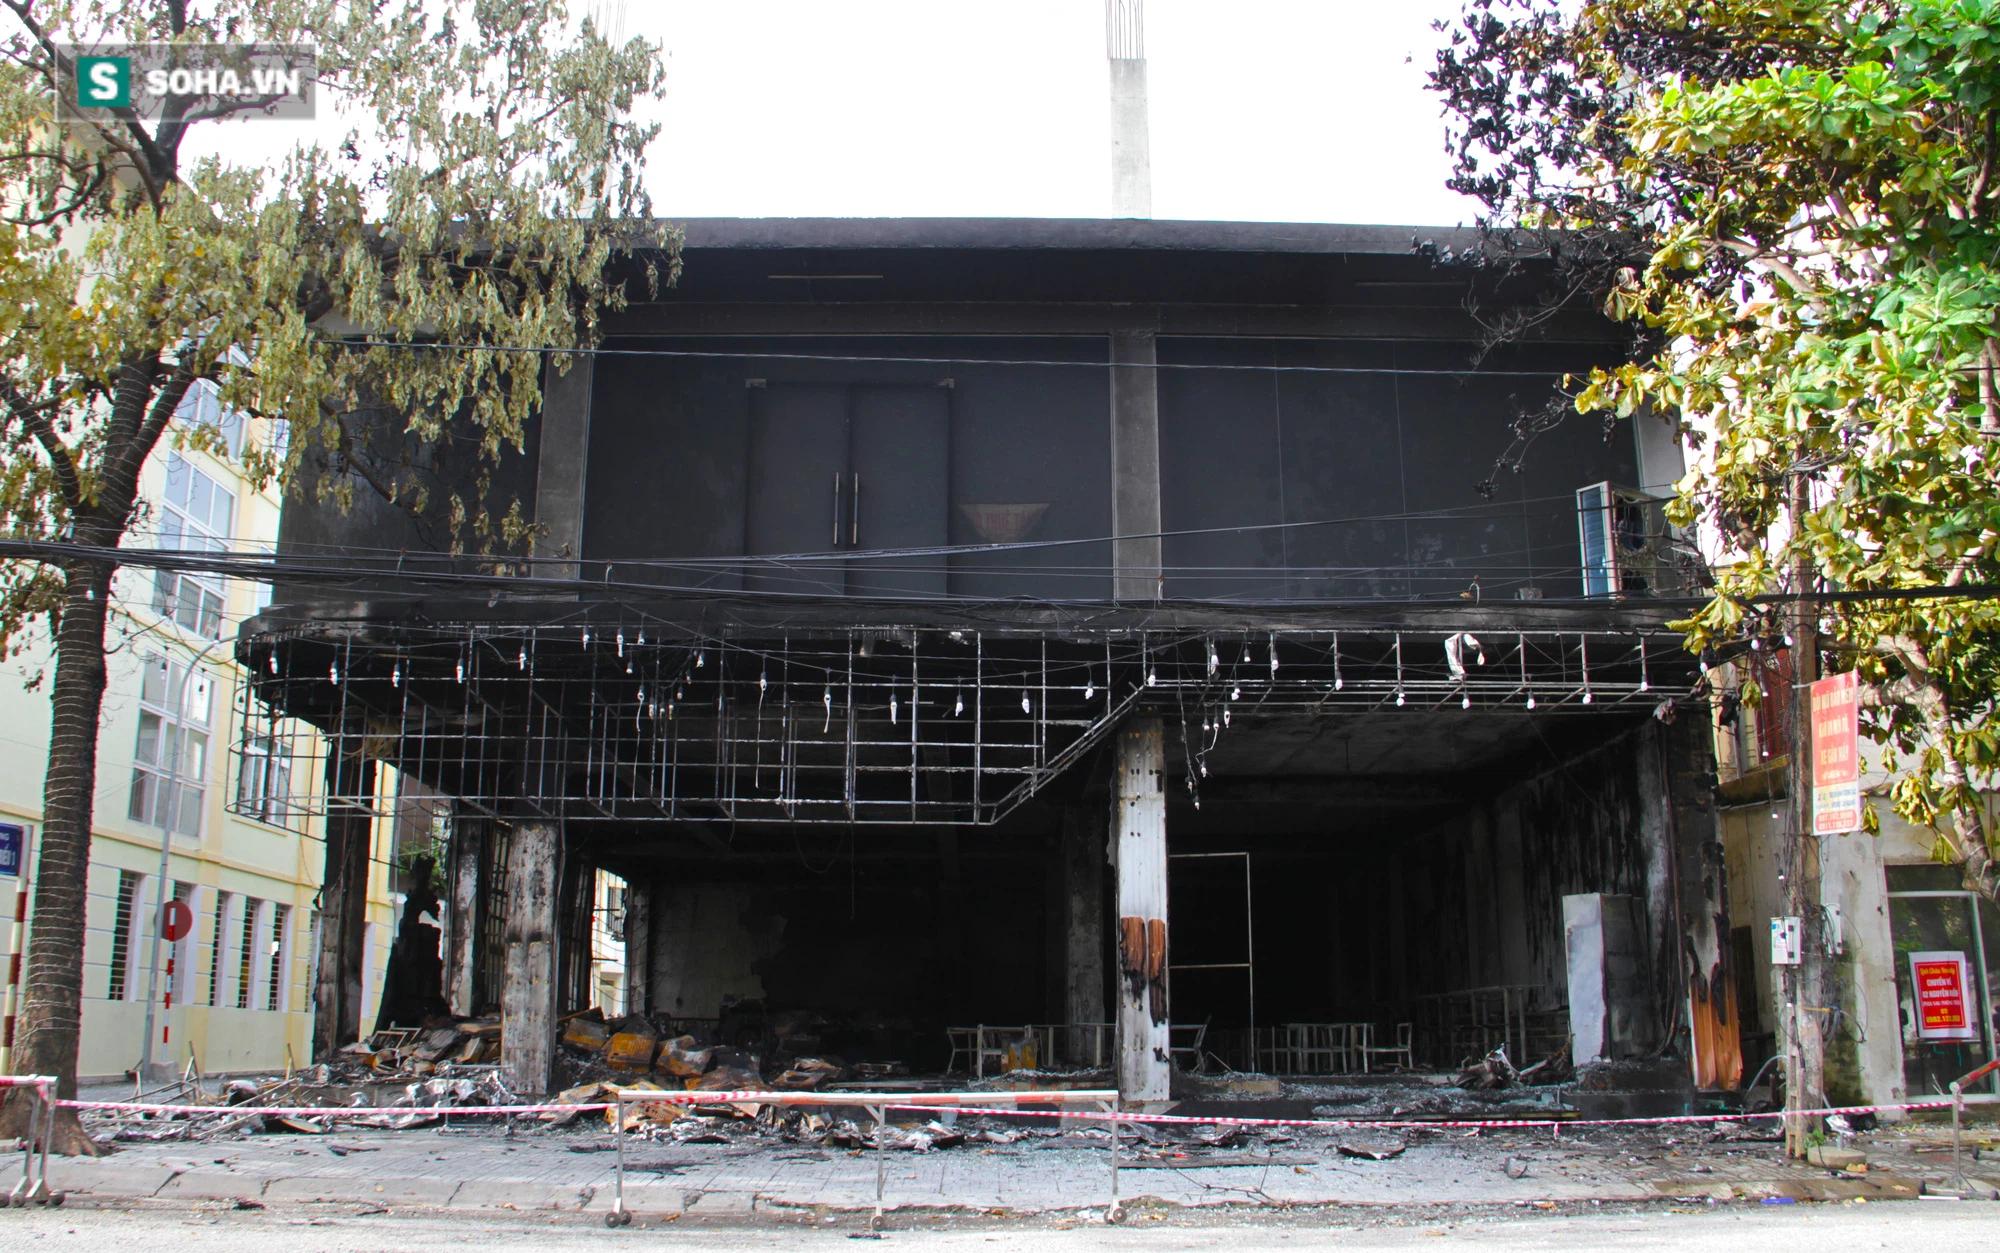 Cận cảnh hiện trường bên trong phòng trà bị cháy khiến 6 người tử vong ở Nghệ An - Ảnh 1.